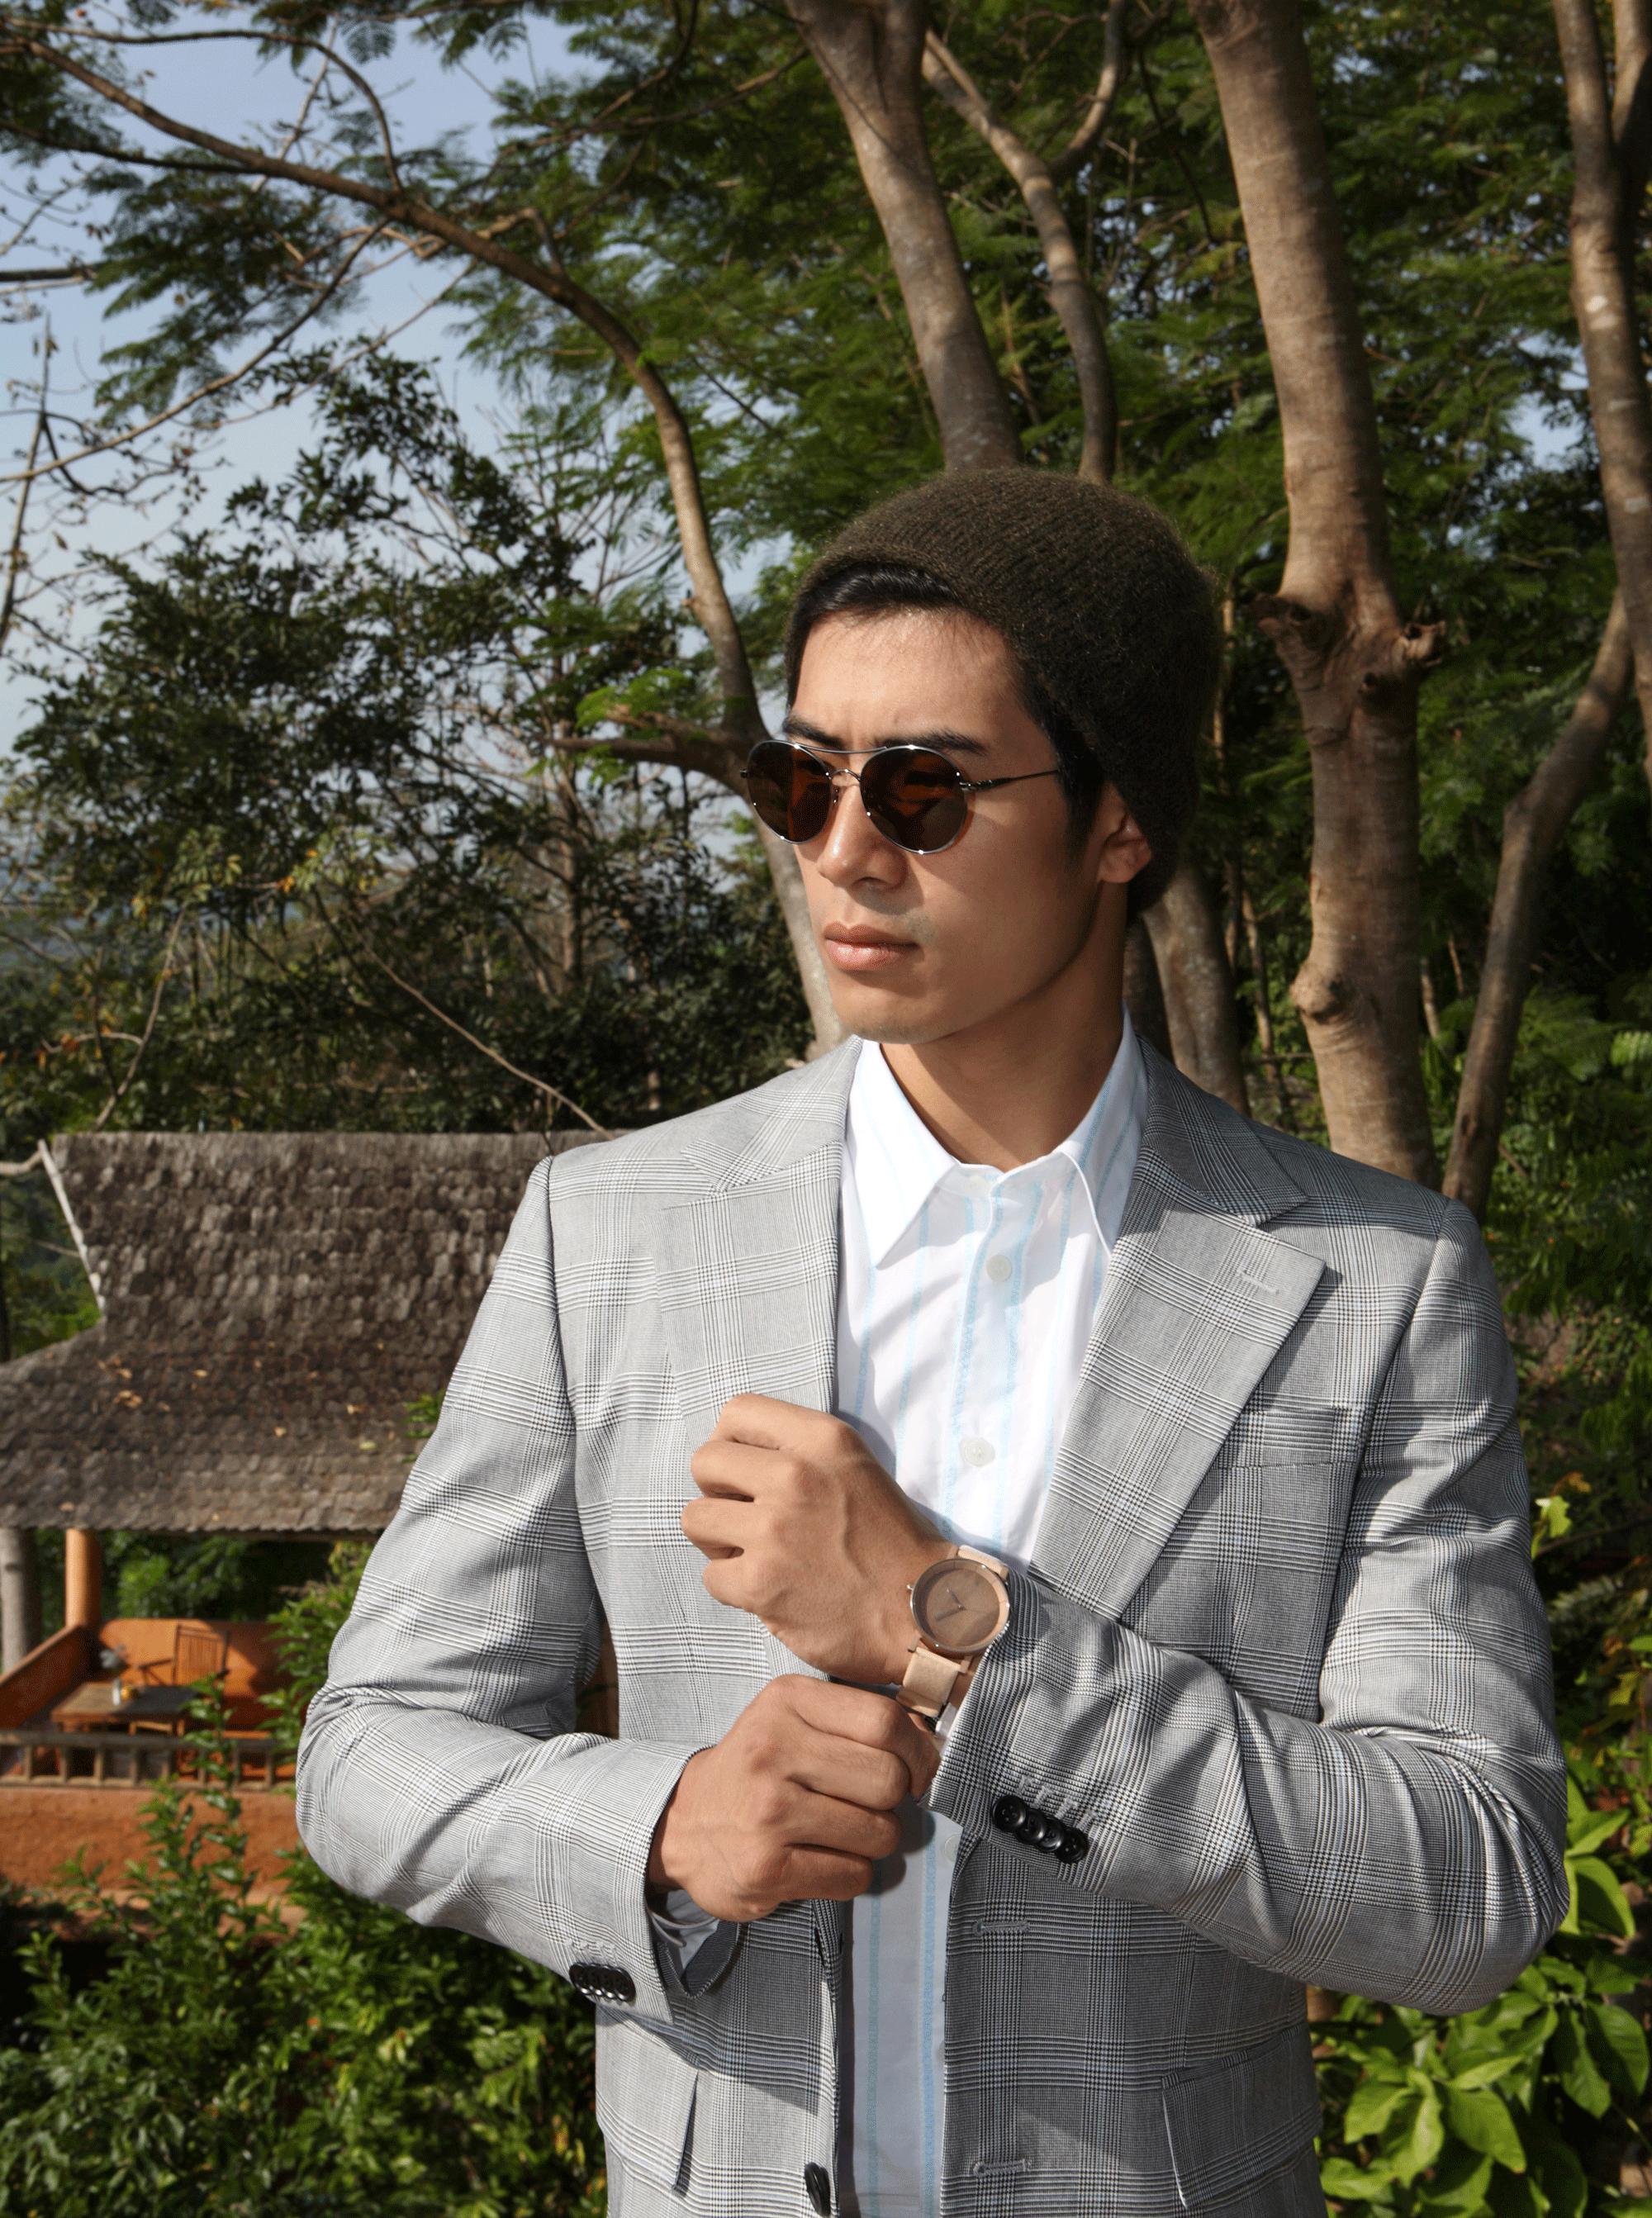 clothes : CK Calvin Klein / sunglasses : TAVAT / watch : FORREST